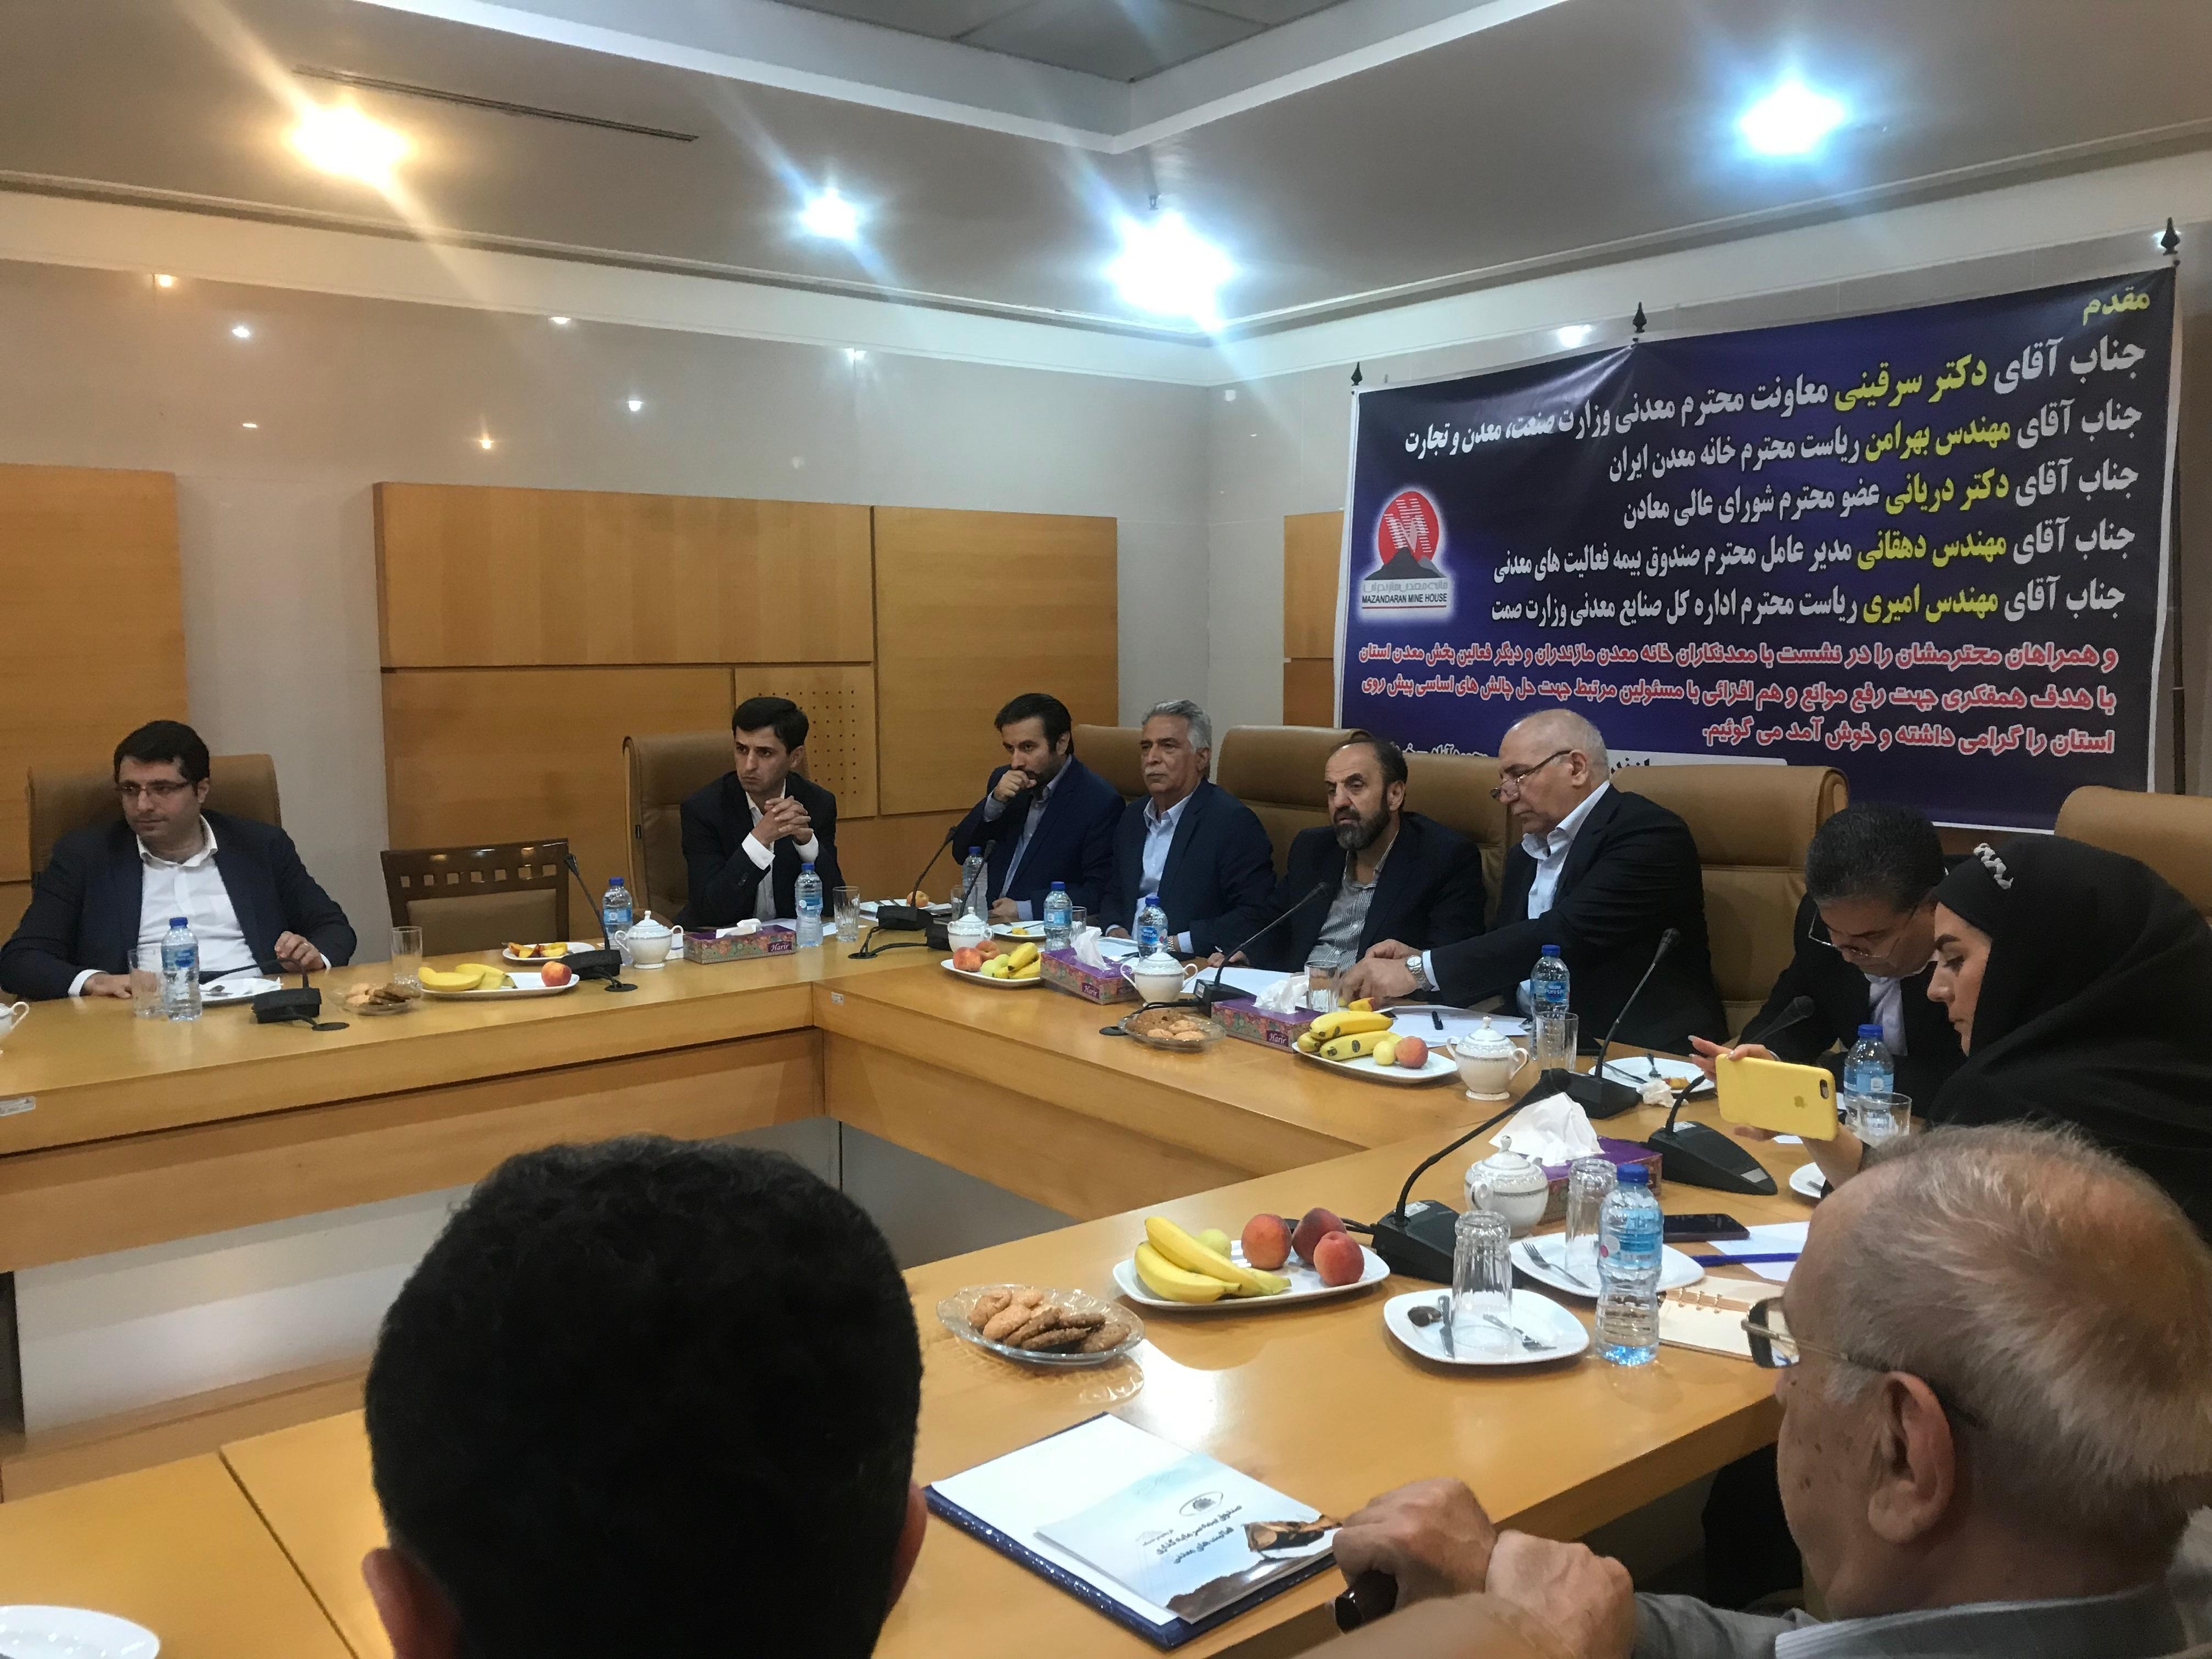 جلسه مشترک صندوق بیمه فعالیت های معدنی با معدنکاران مازندران